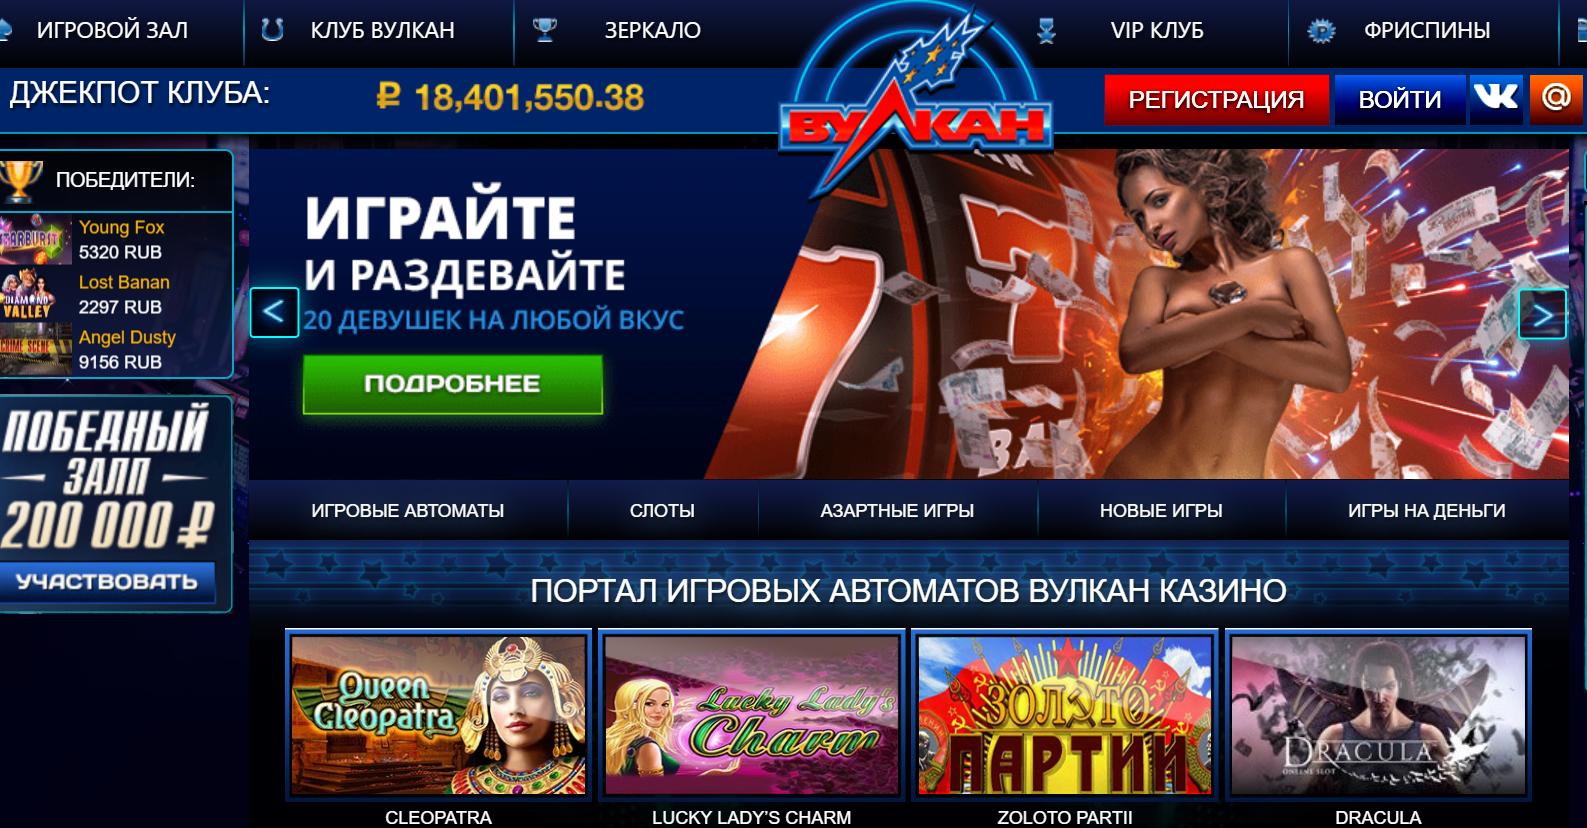 Официальный сайт интернет-казино Вулкан